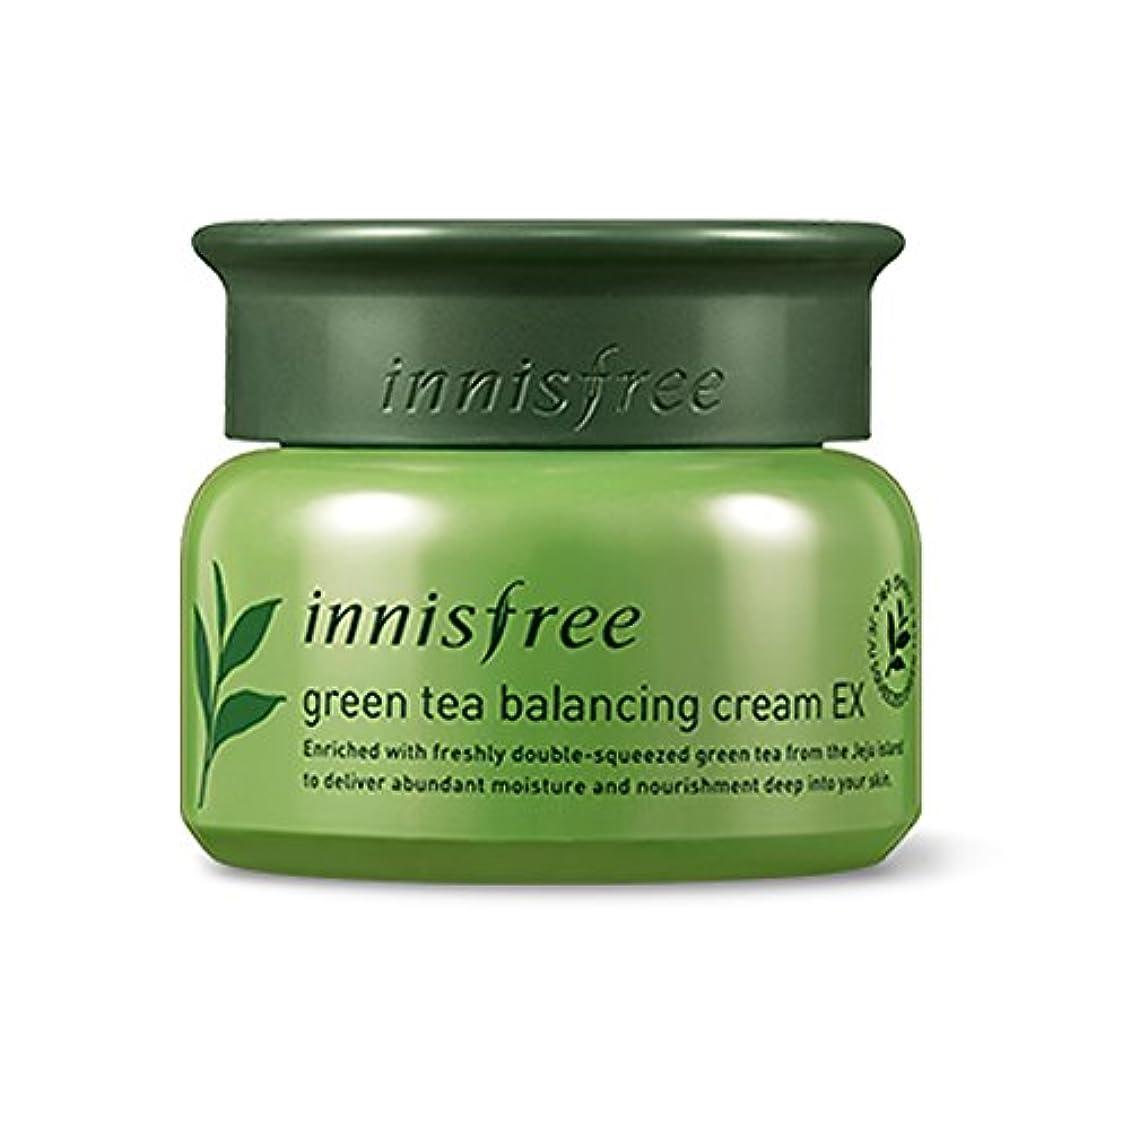 水族館除外する望遠鏡イニスフリーグリーンティーバランスクリーム50ml「2018新製品」 Innisfree Green Tea Balancing Cream 50ml